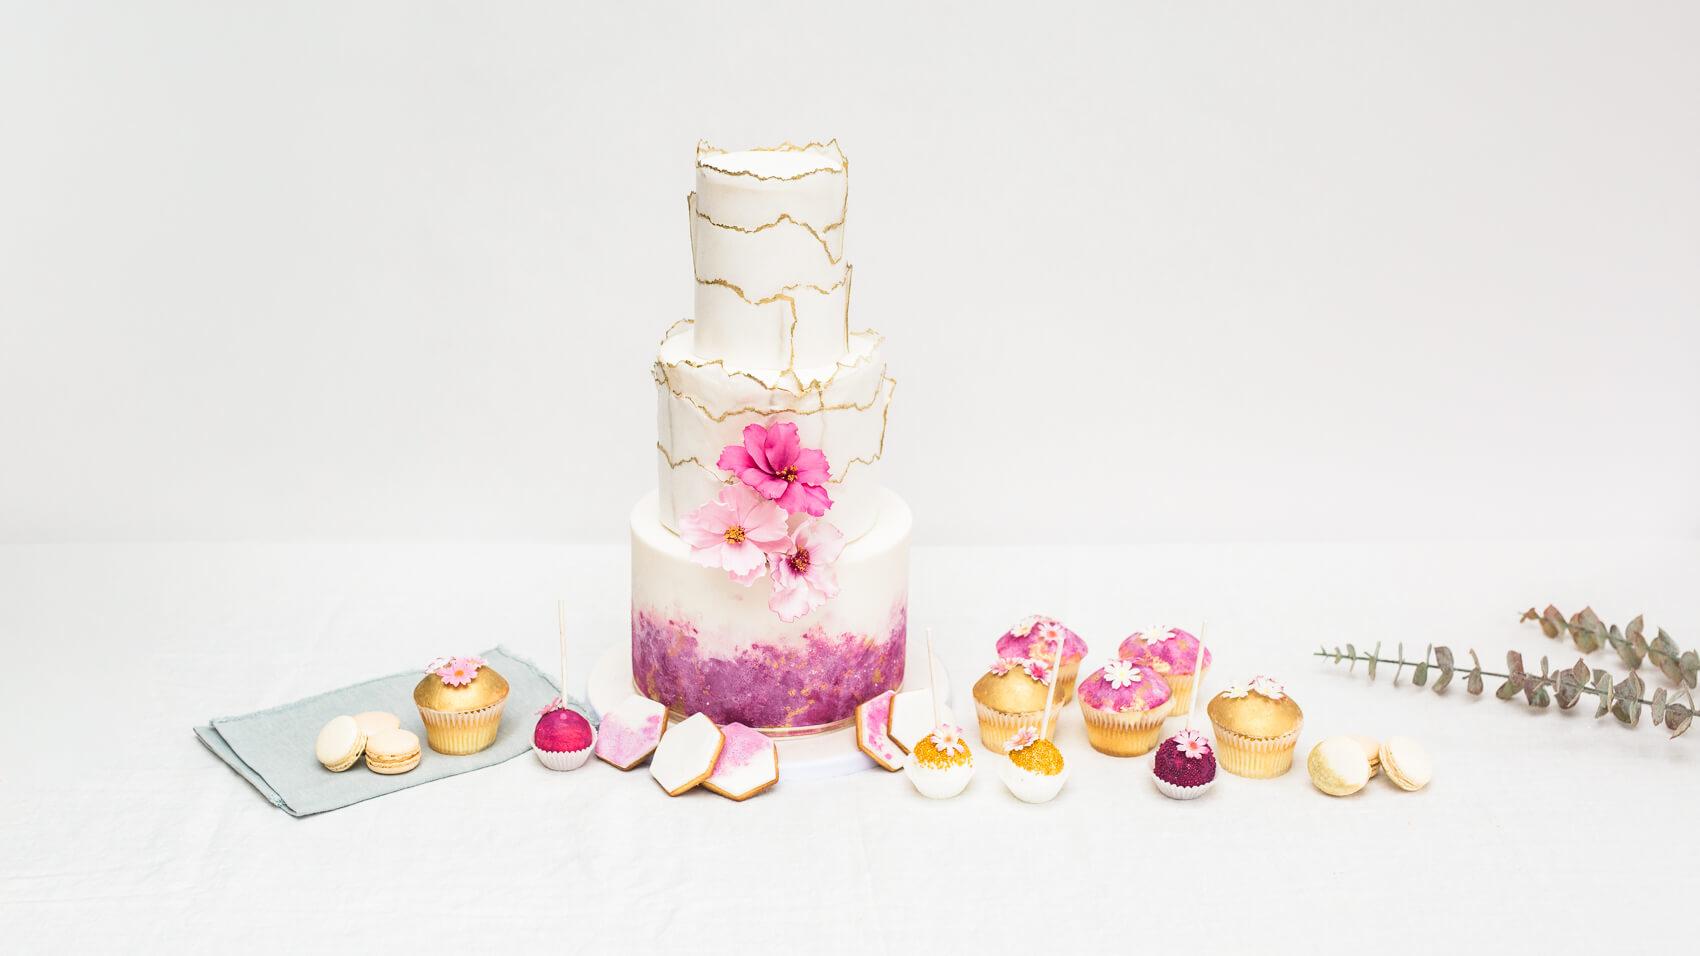 Iced Innovations Bespoke Luxury Wedding Cakes In Weybridge Surrey